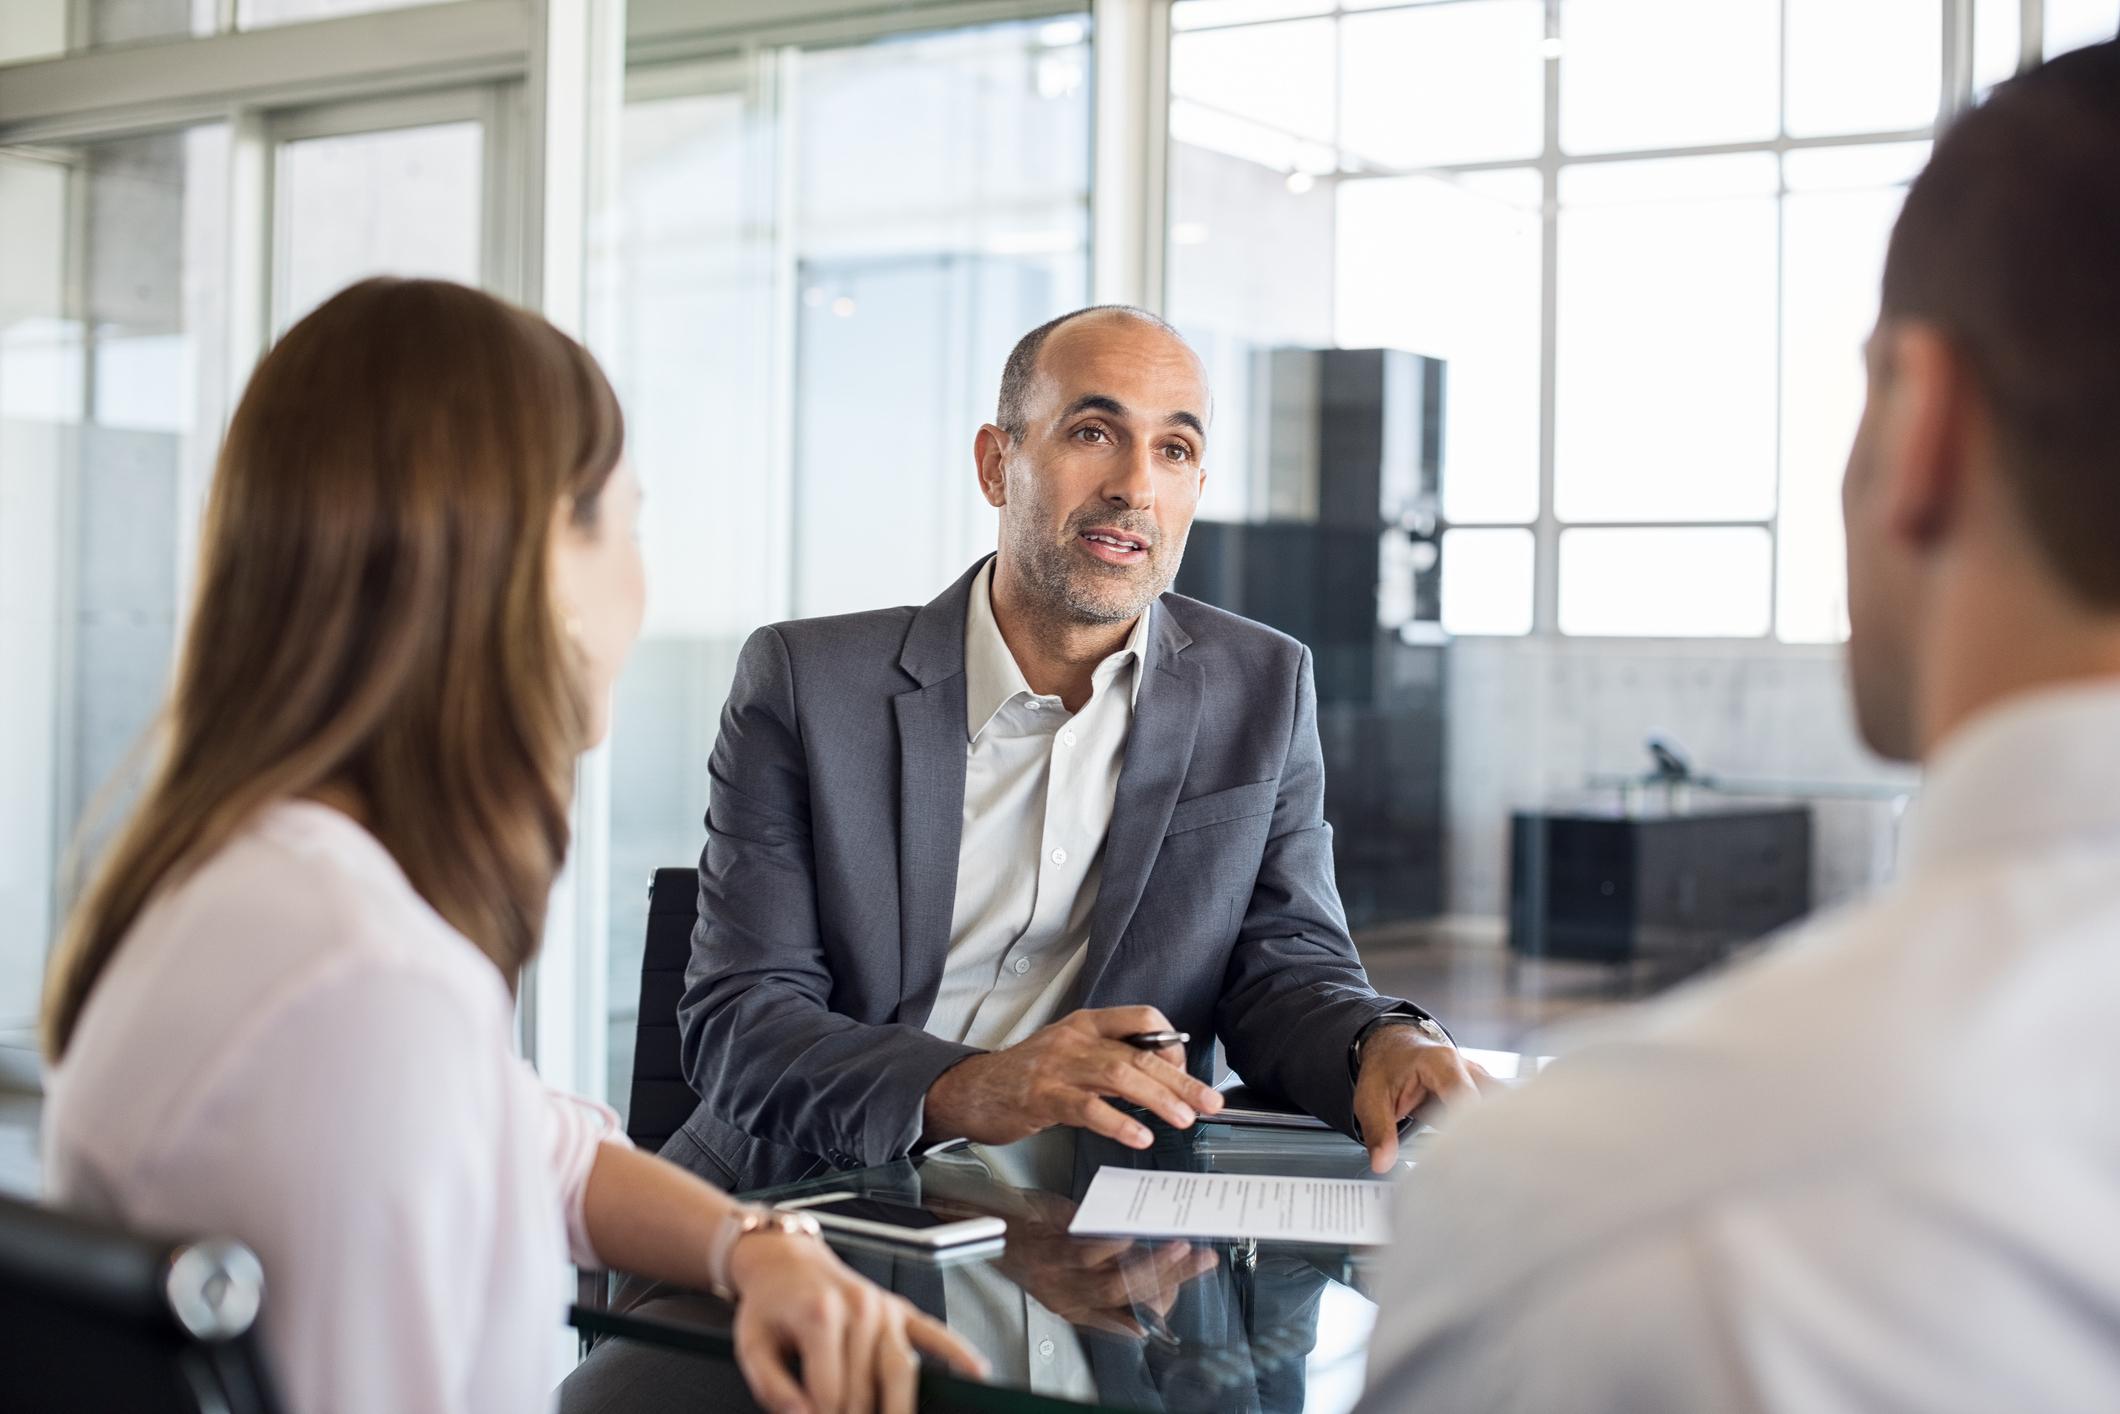 Análisis del negocio enfocado hacia la salud financiera